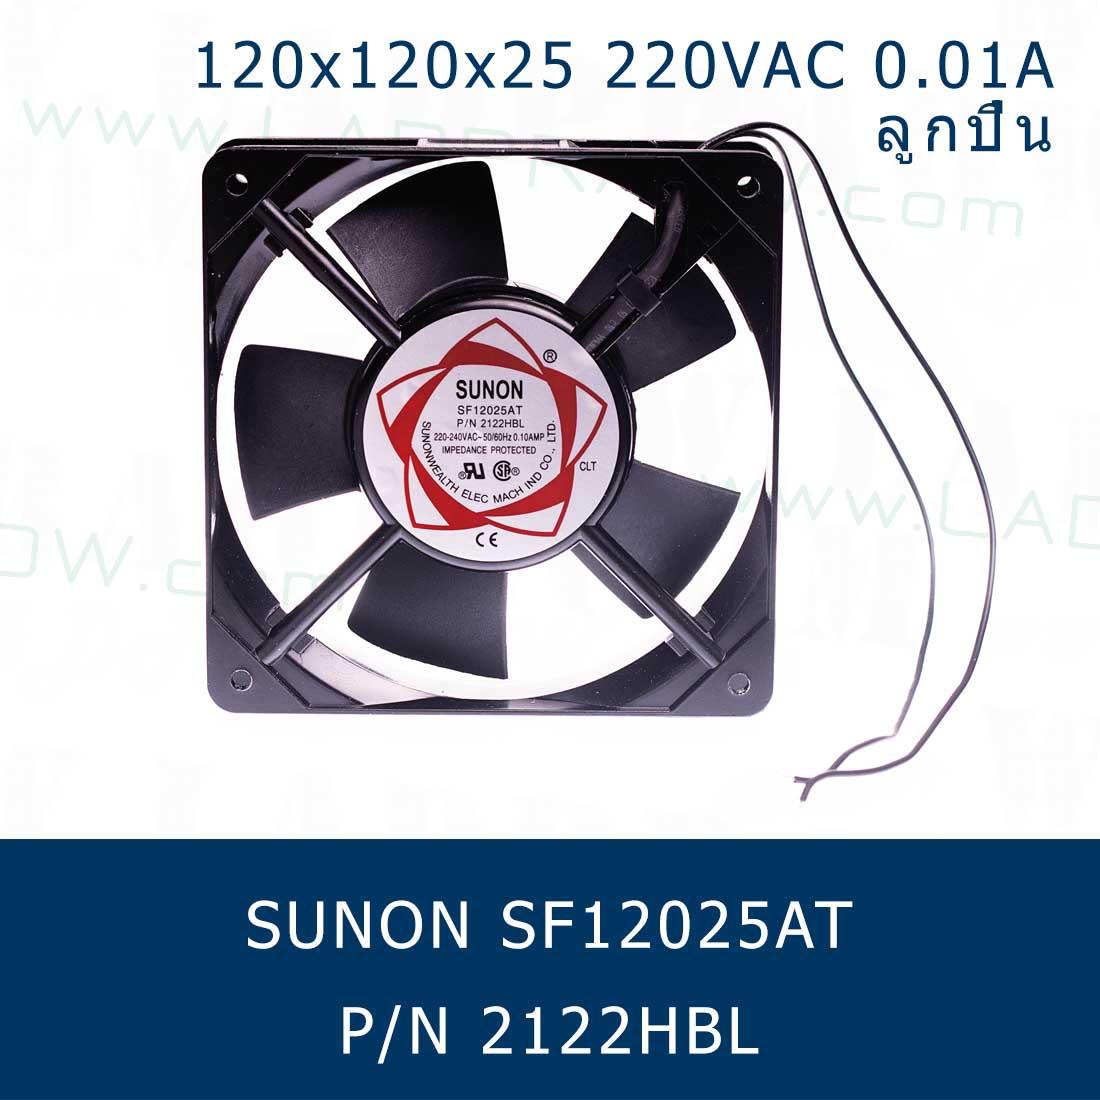 พัดลมระบายความร้อน 120x120x25mm 4inch 220VAC SUNON SF12025AT Cooling fan